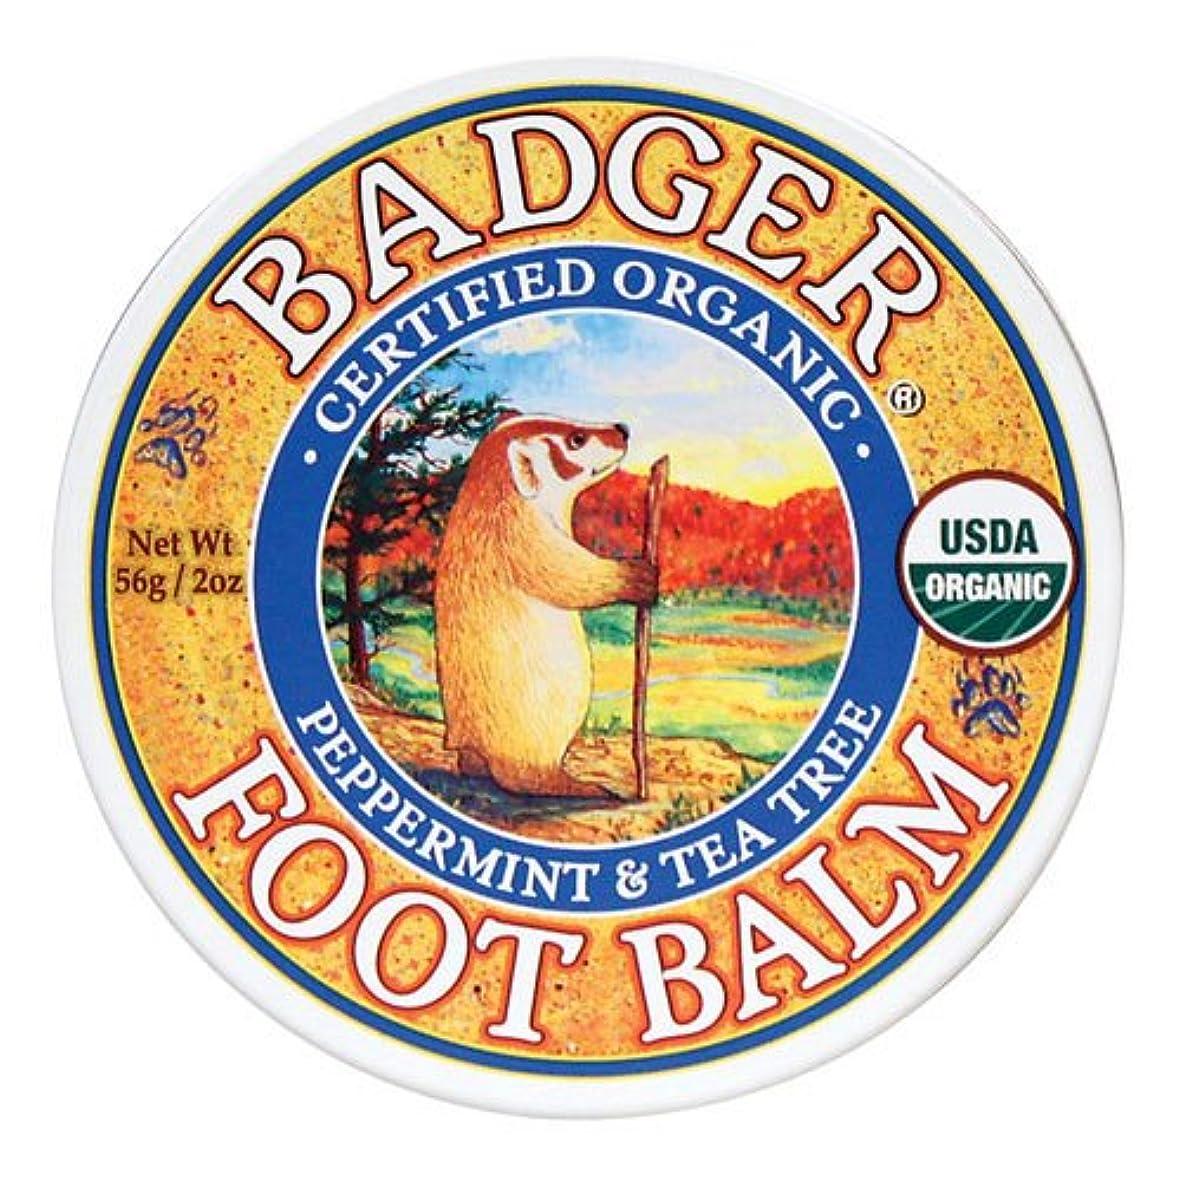 パシフィック見えない差別的Badger バジャー オーガニックフットクリーム ペパーミント & ティーツリー 56g【海外直送品】【並行輸入品】